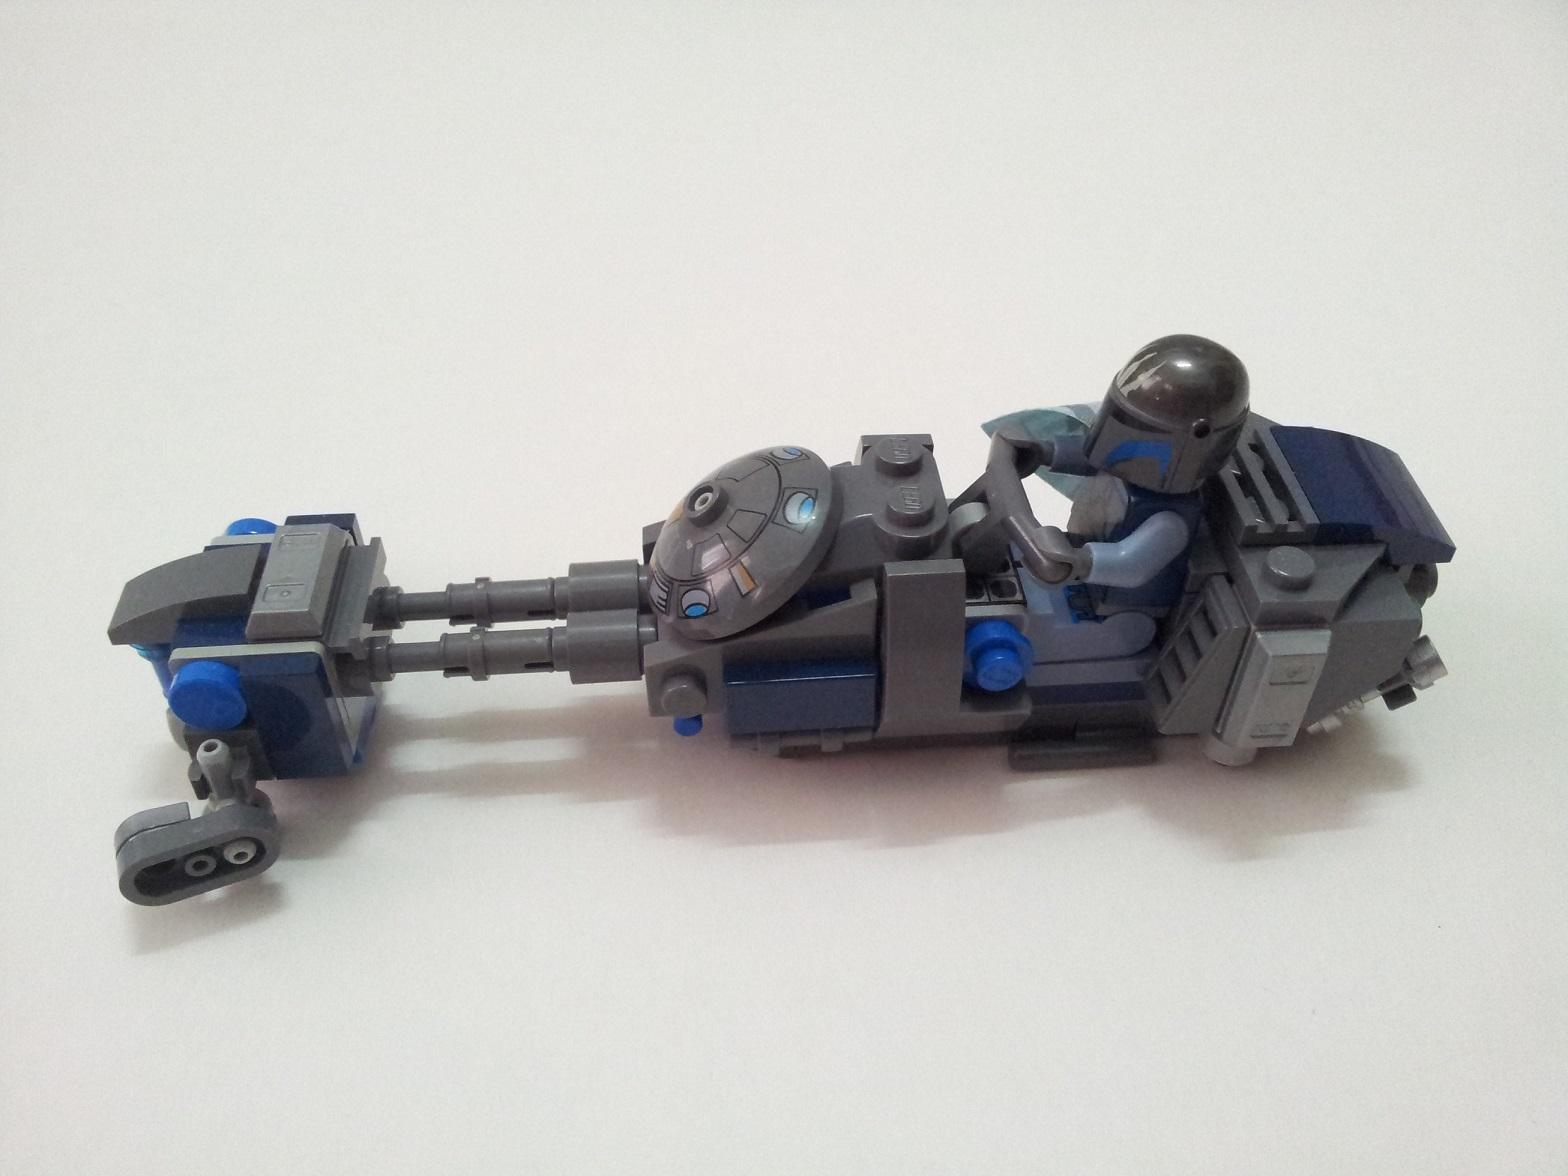 Mandalorian's Speeder